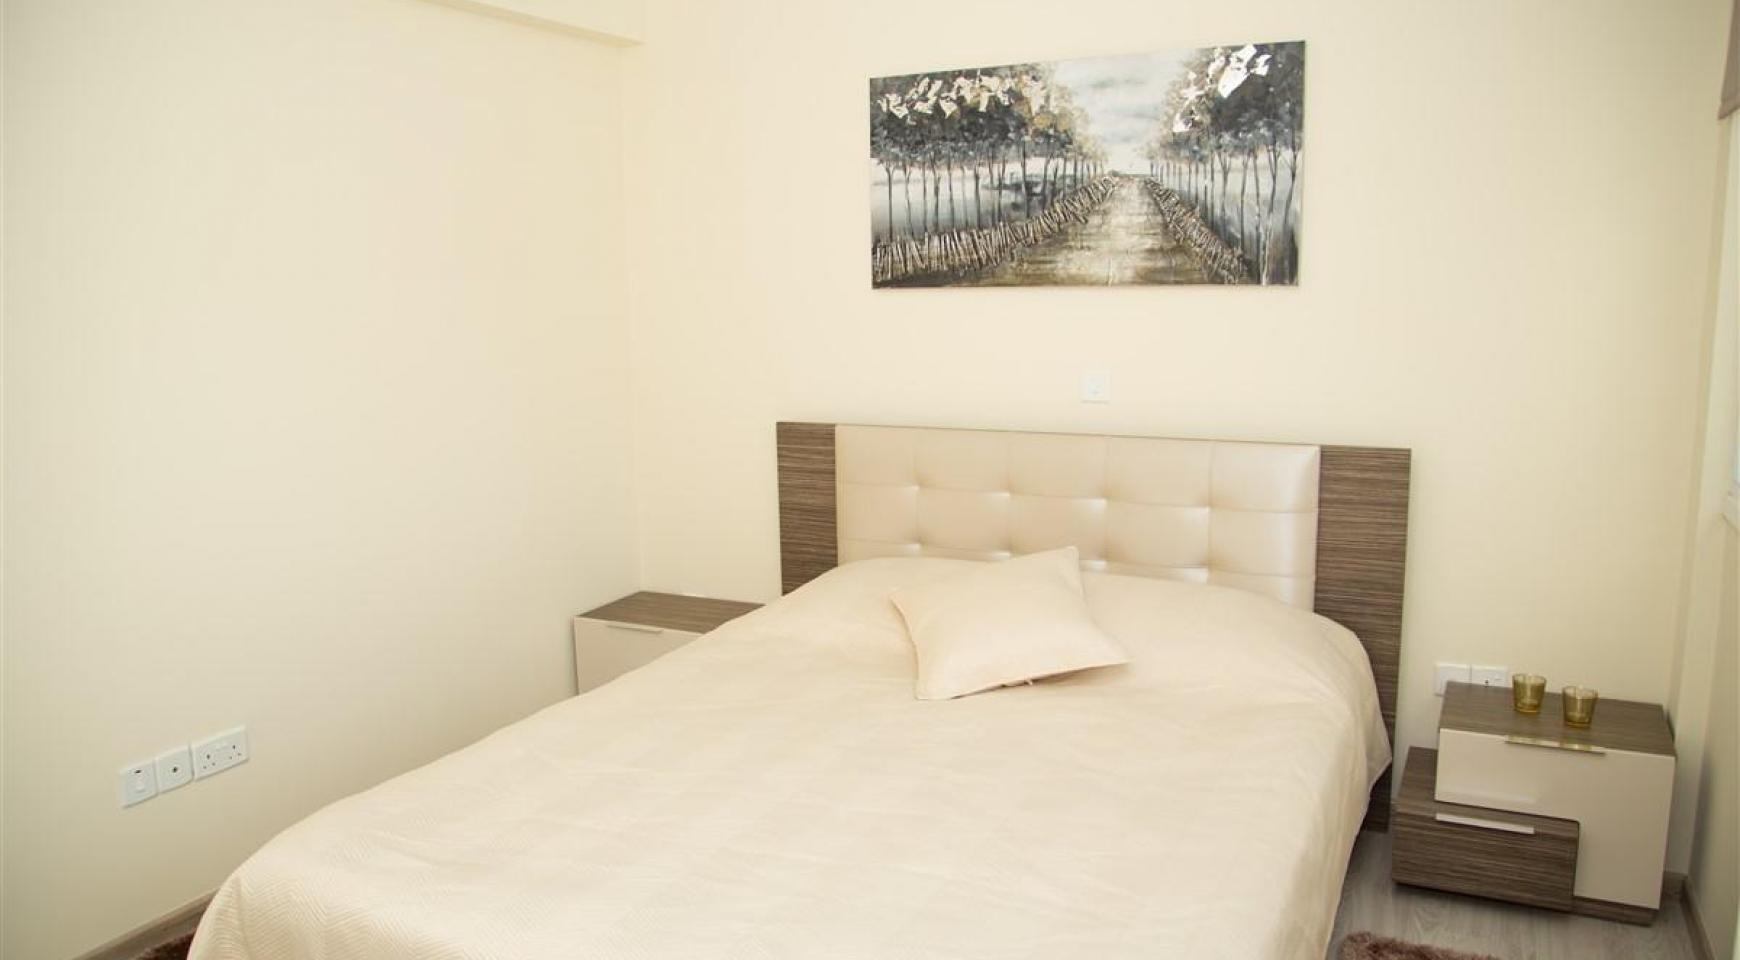 Μοντέρνο διαμέρισμα 2 υπνοδωματίων στην περιοχή Ποταμός Γερμασόγειας - 8